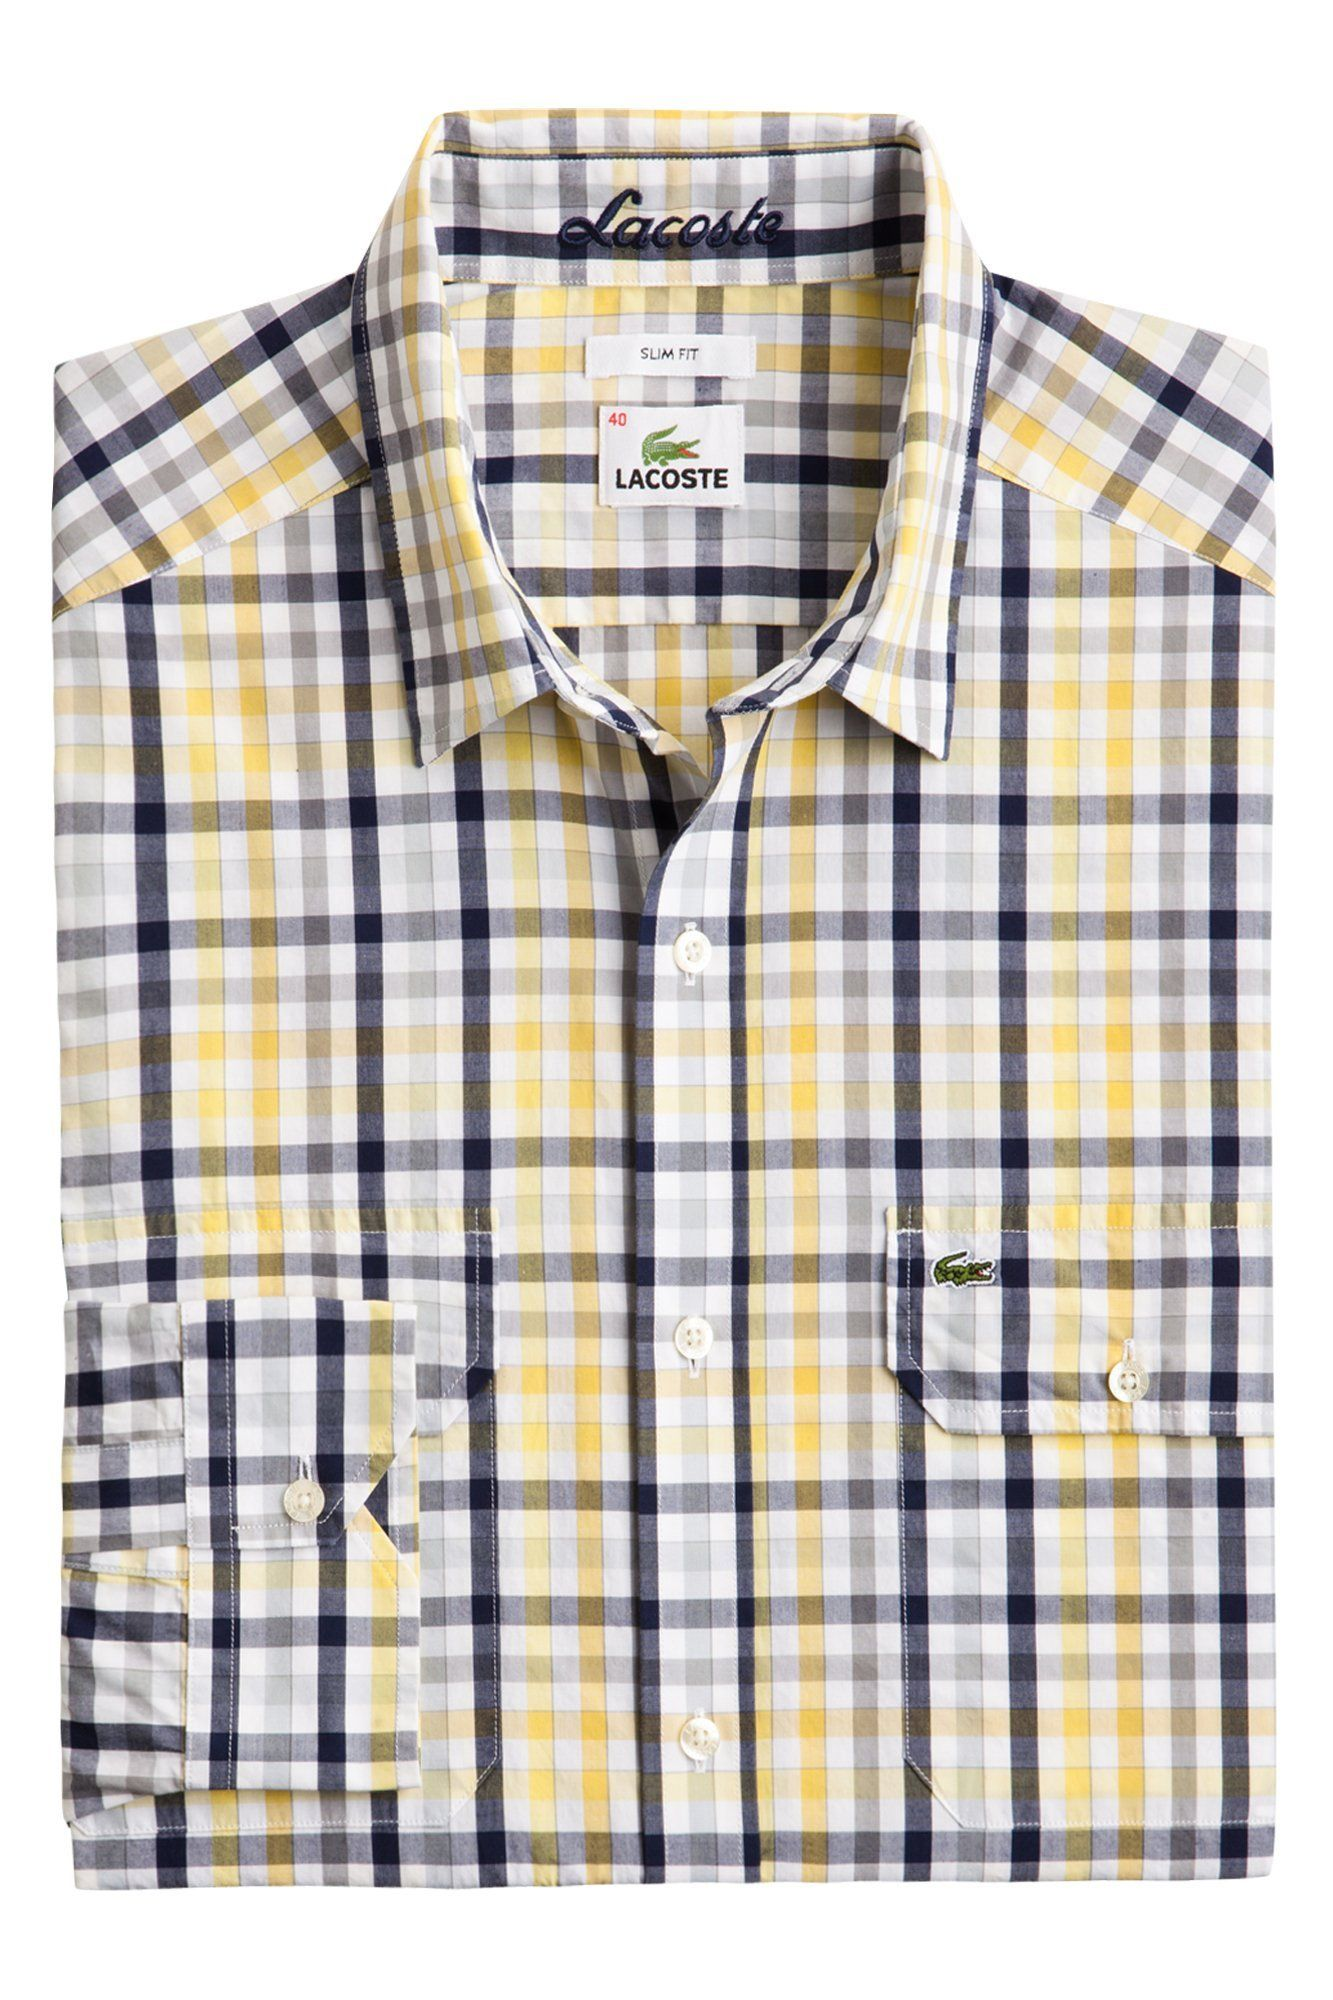 0a07e068 Lacoste Long Sleeve Mini Plaid Poplin Shirt With Double Pockets ...